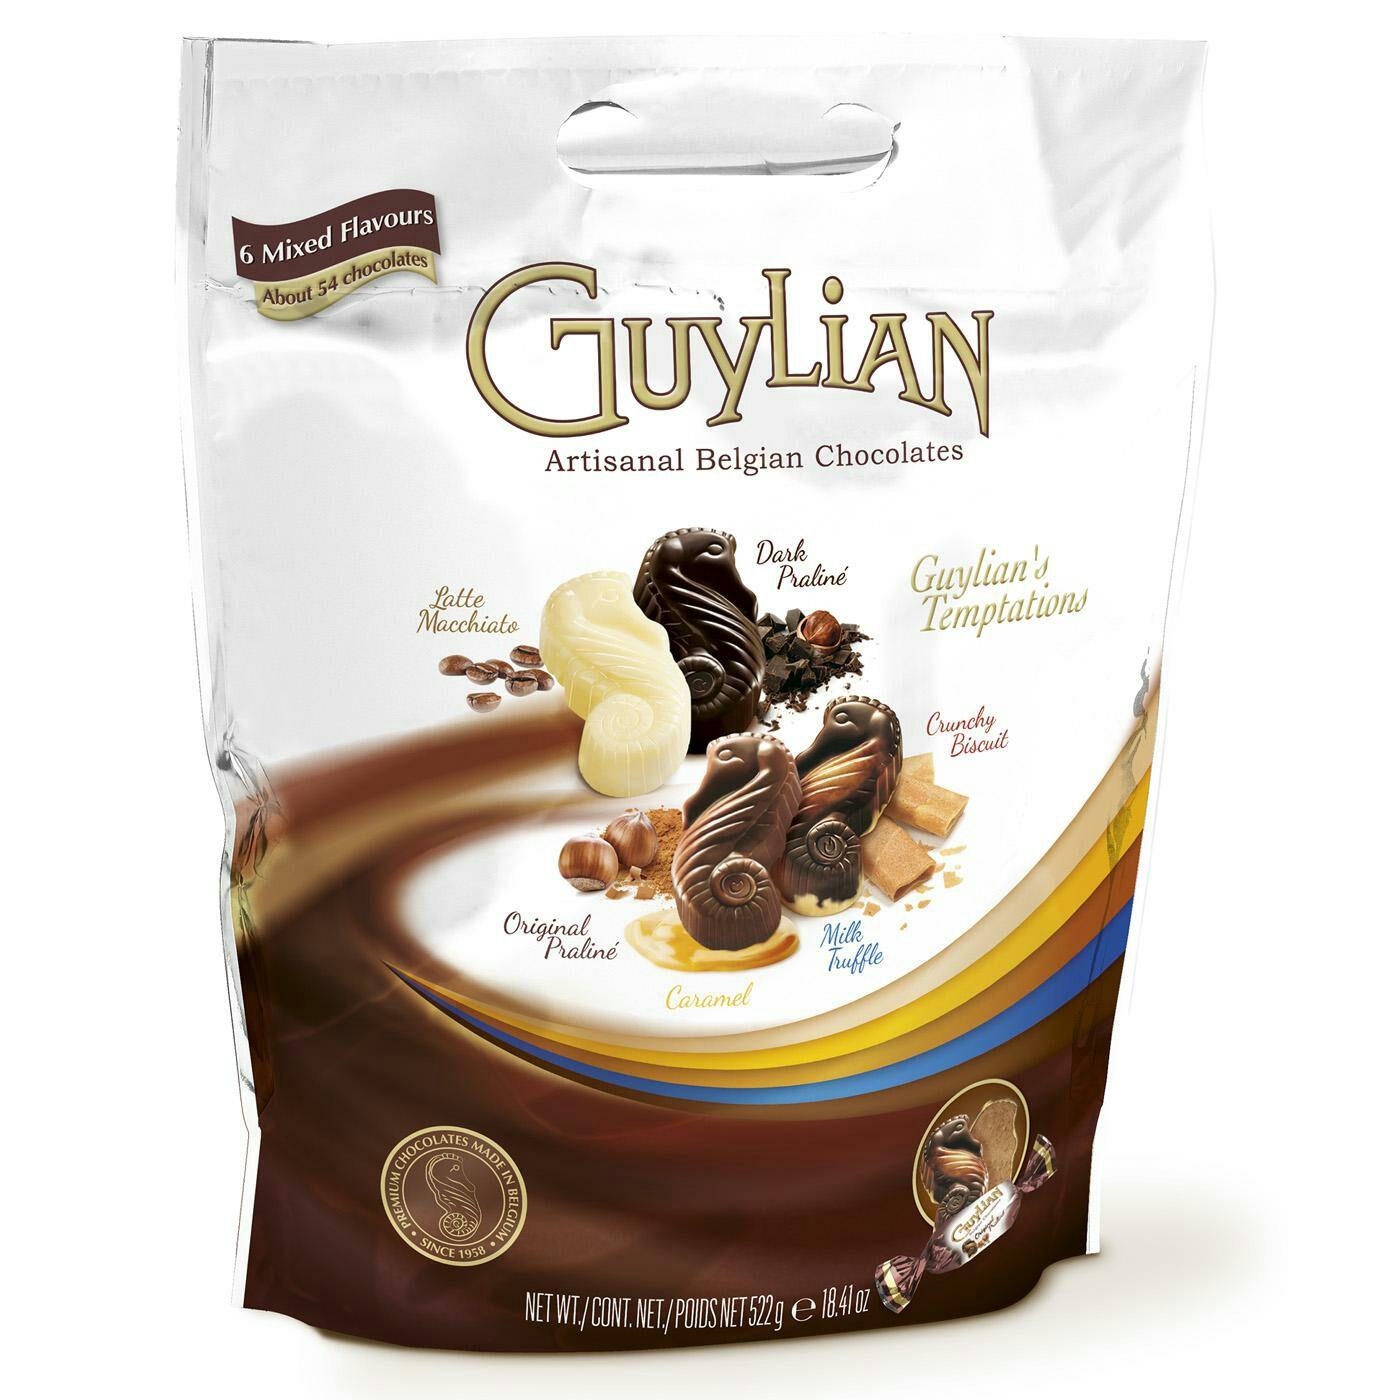 Guylian big pouch Belgian chocs 522g £2.50@ Tesco instore (possibly £1.80 in Sainsburys)